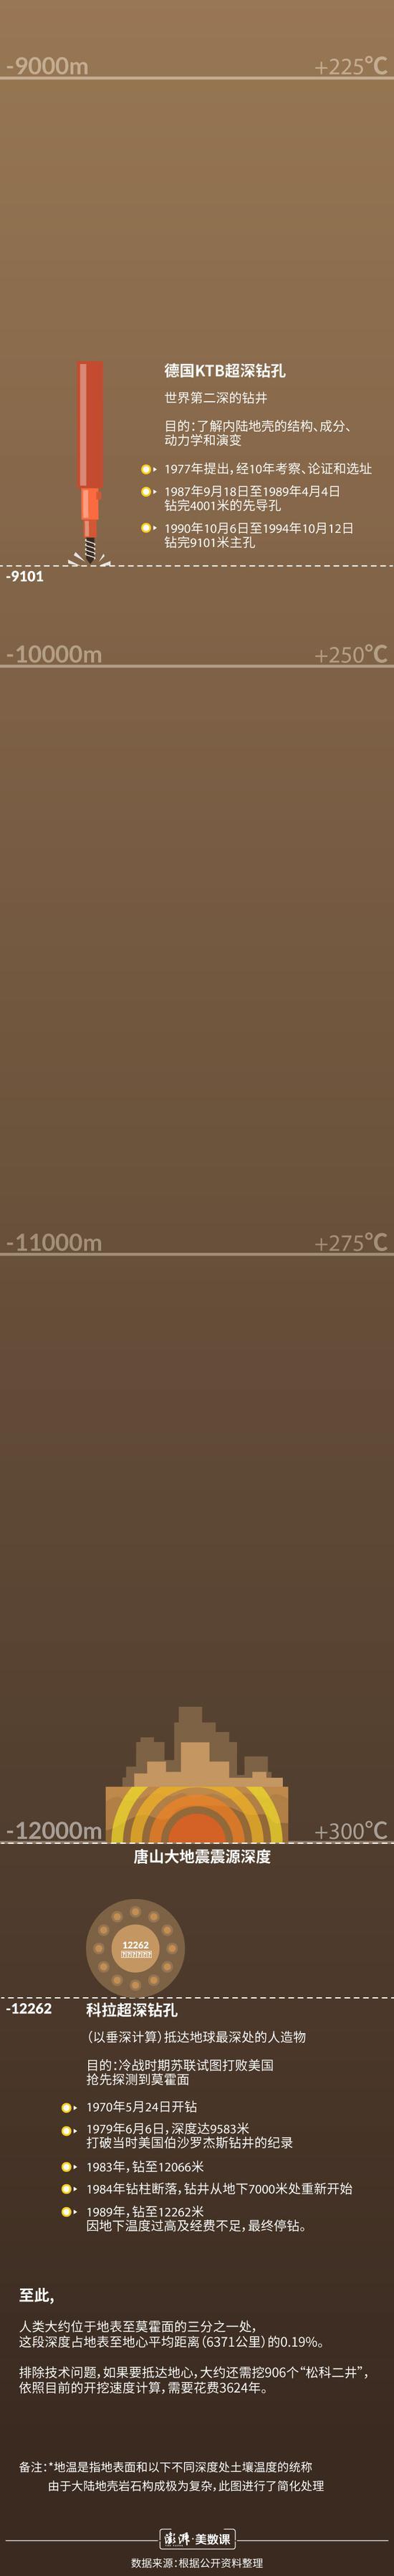 亚洲最深科学钻井完井,7018米究竟有多深?